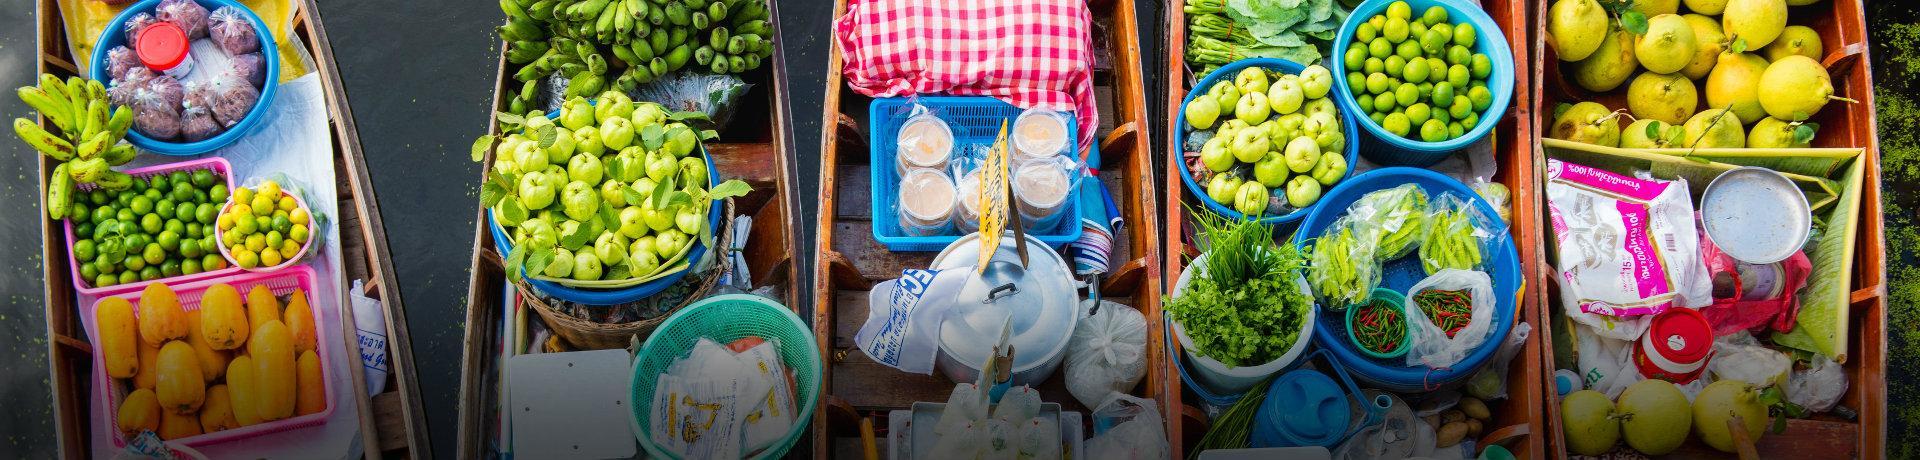 Gerichte Weltweit: Boote - Früchte